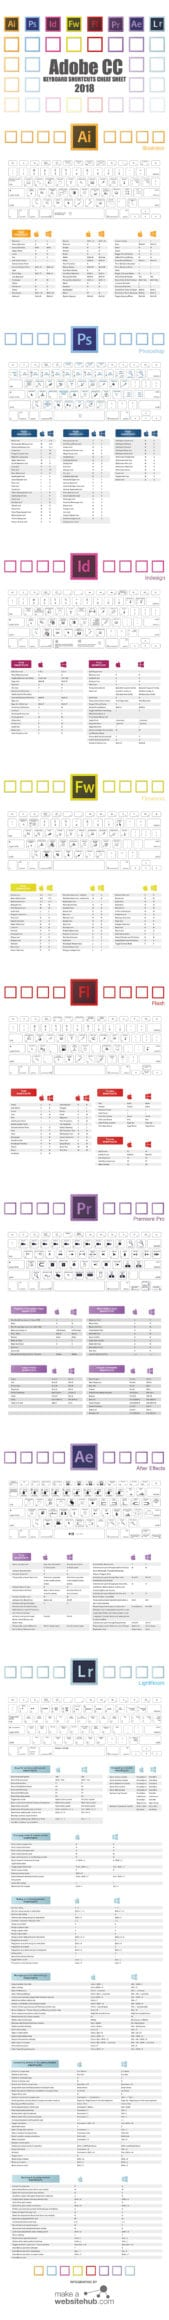 shortcuts - Využite užitočnú pomôcku - klávesové skratky pre Adobe CC!